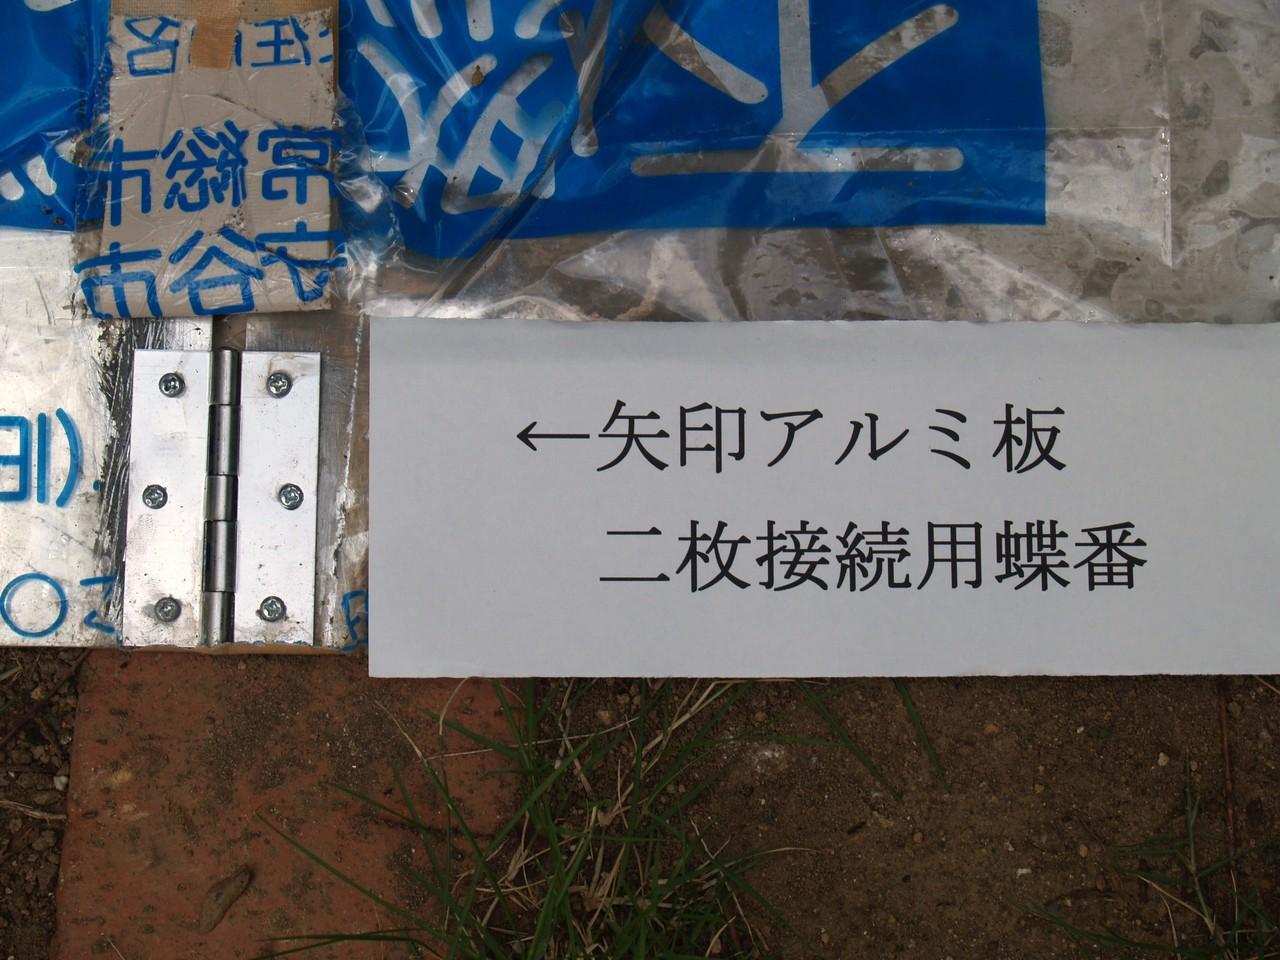 地上高ゼロメートル給電アルミ板ANT:2枚アルミ板(45x180cm)ANTの蝶番による接続状況